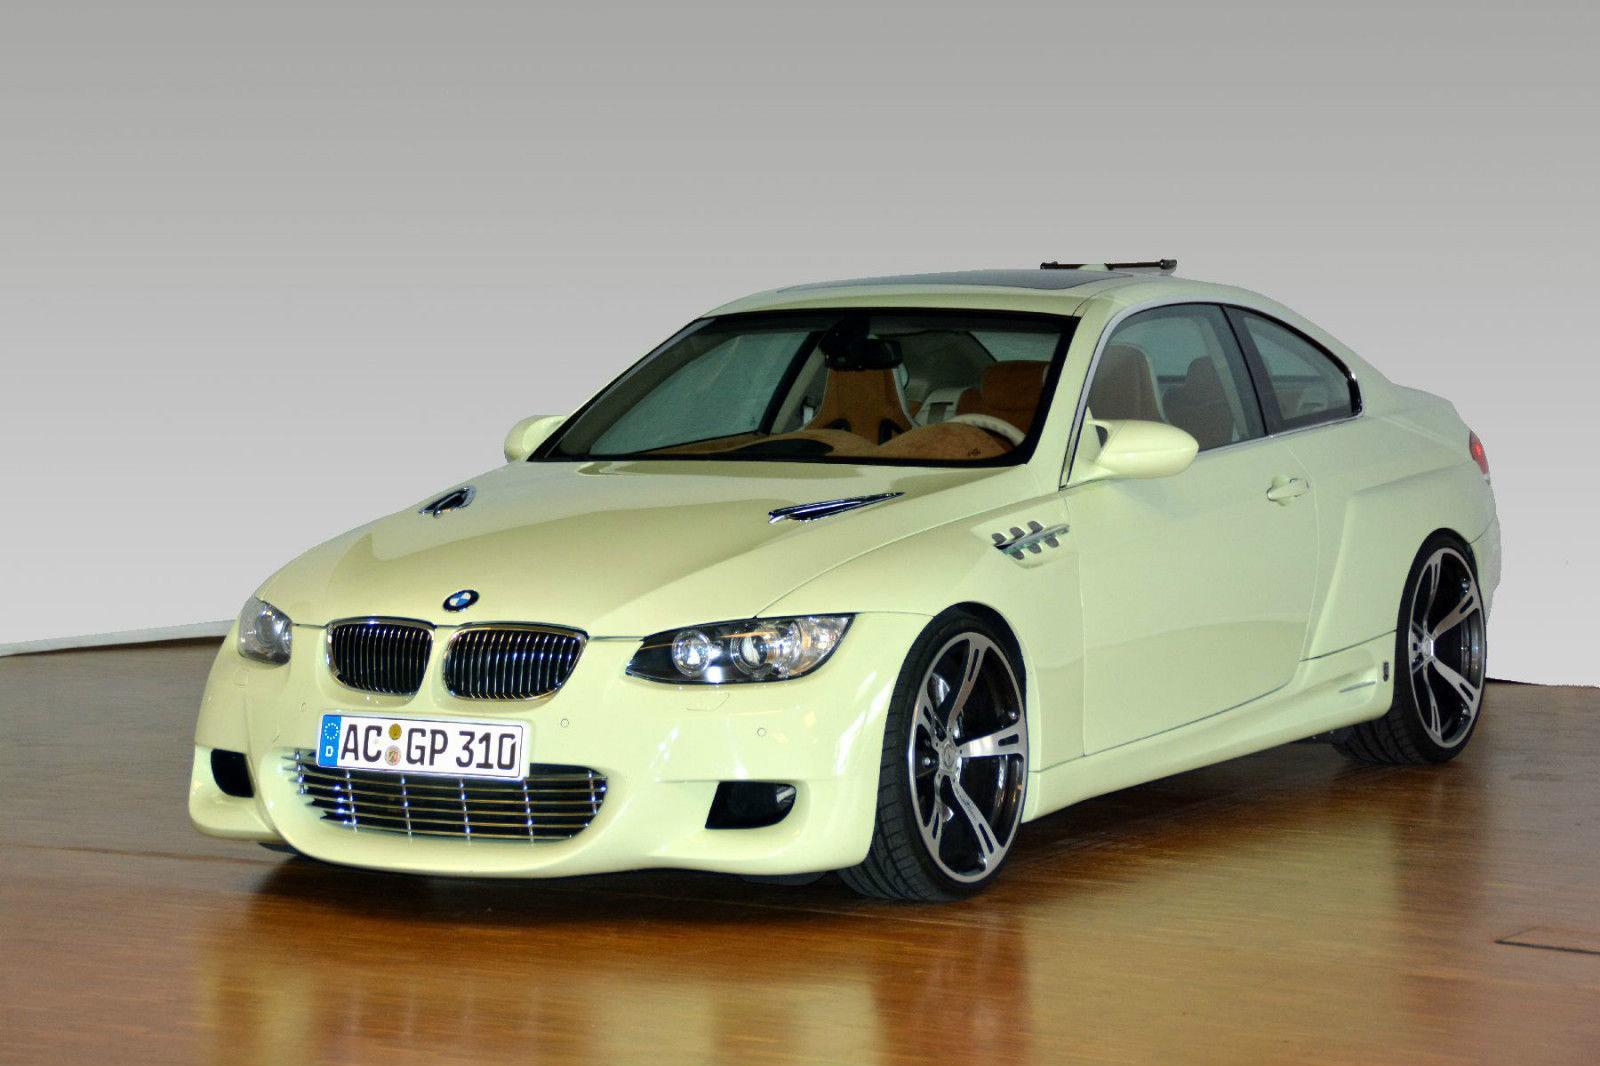 АС Шнитцер ГП 3.10 основанный на BMW Е92 335i - выставлен на продажу - фотография №1